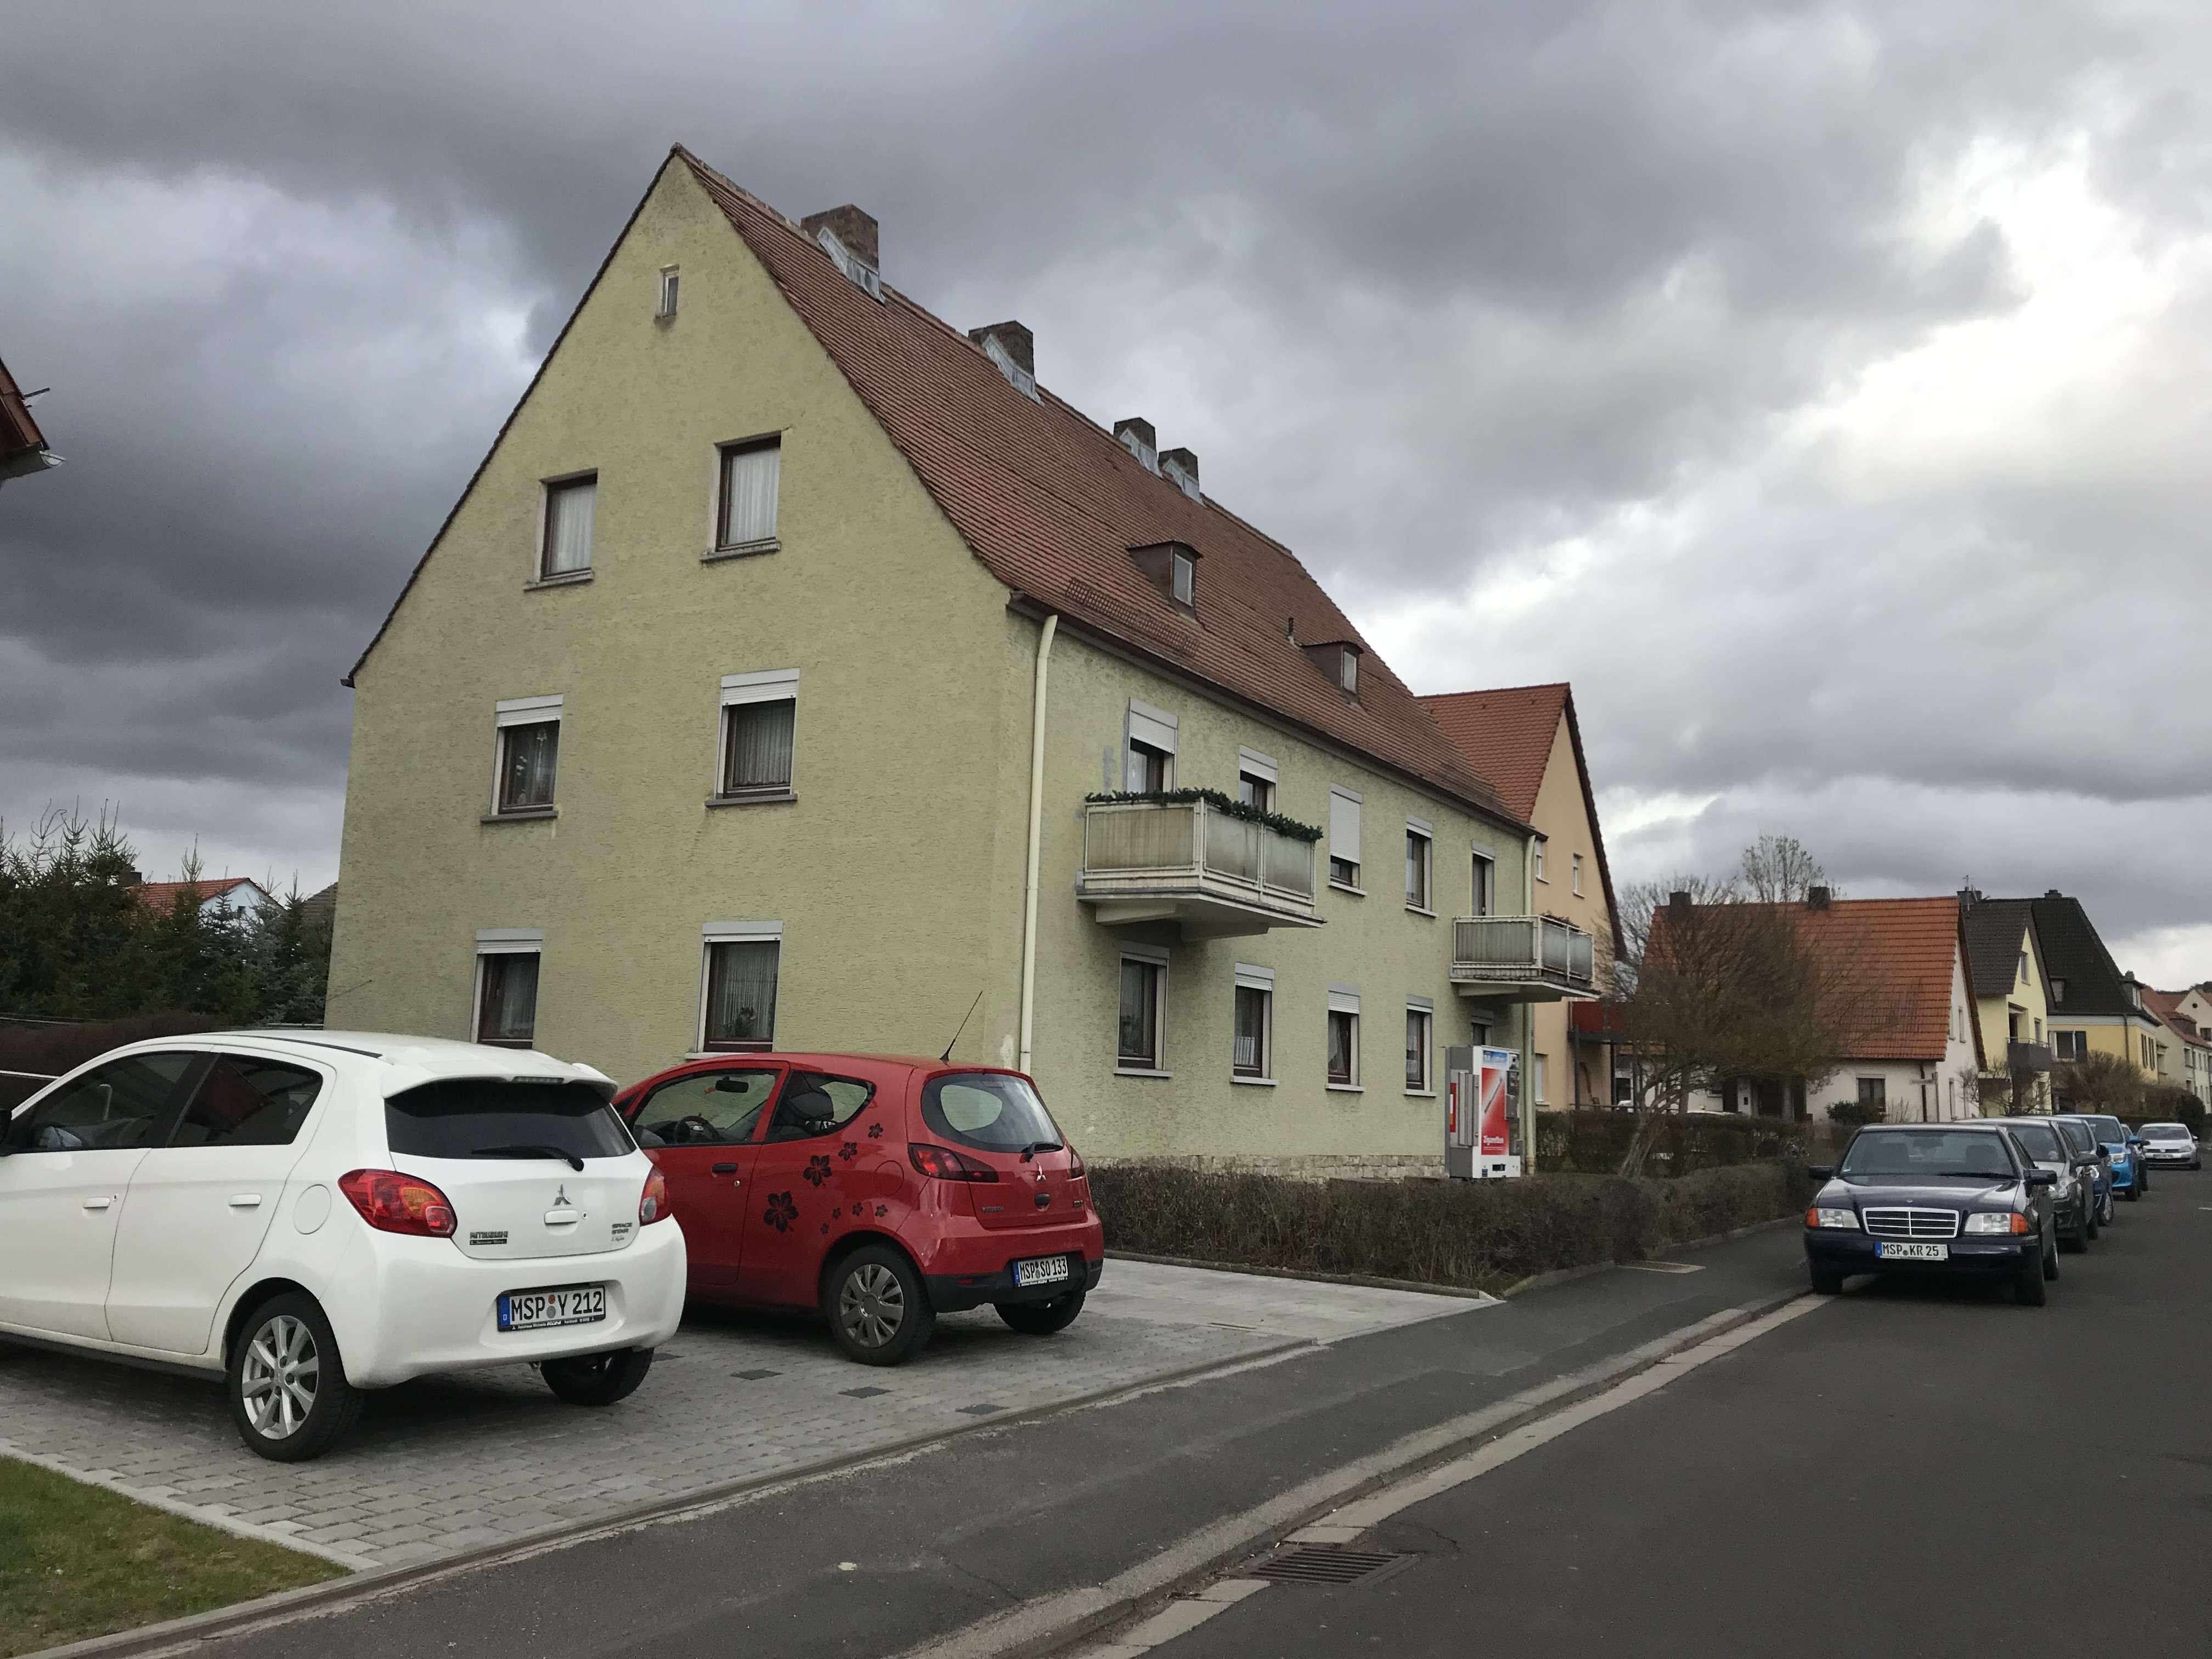 VORANKÜNDIGUNG: Schöne 2-Zimmer Wohnung zu vermieten in Karlstadt (Main-Spessart)